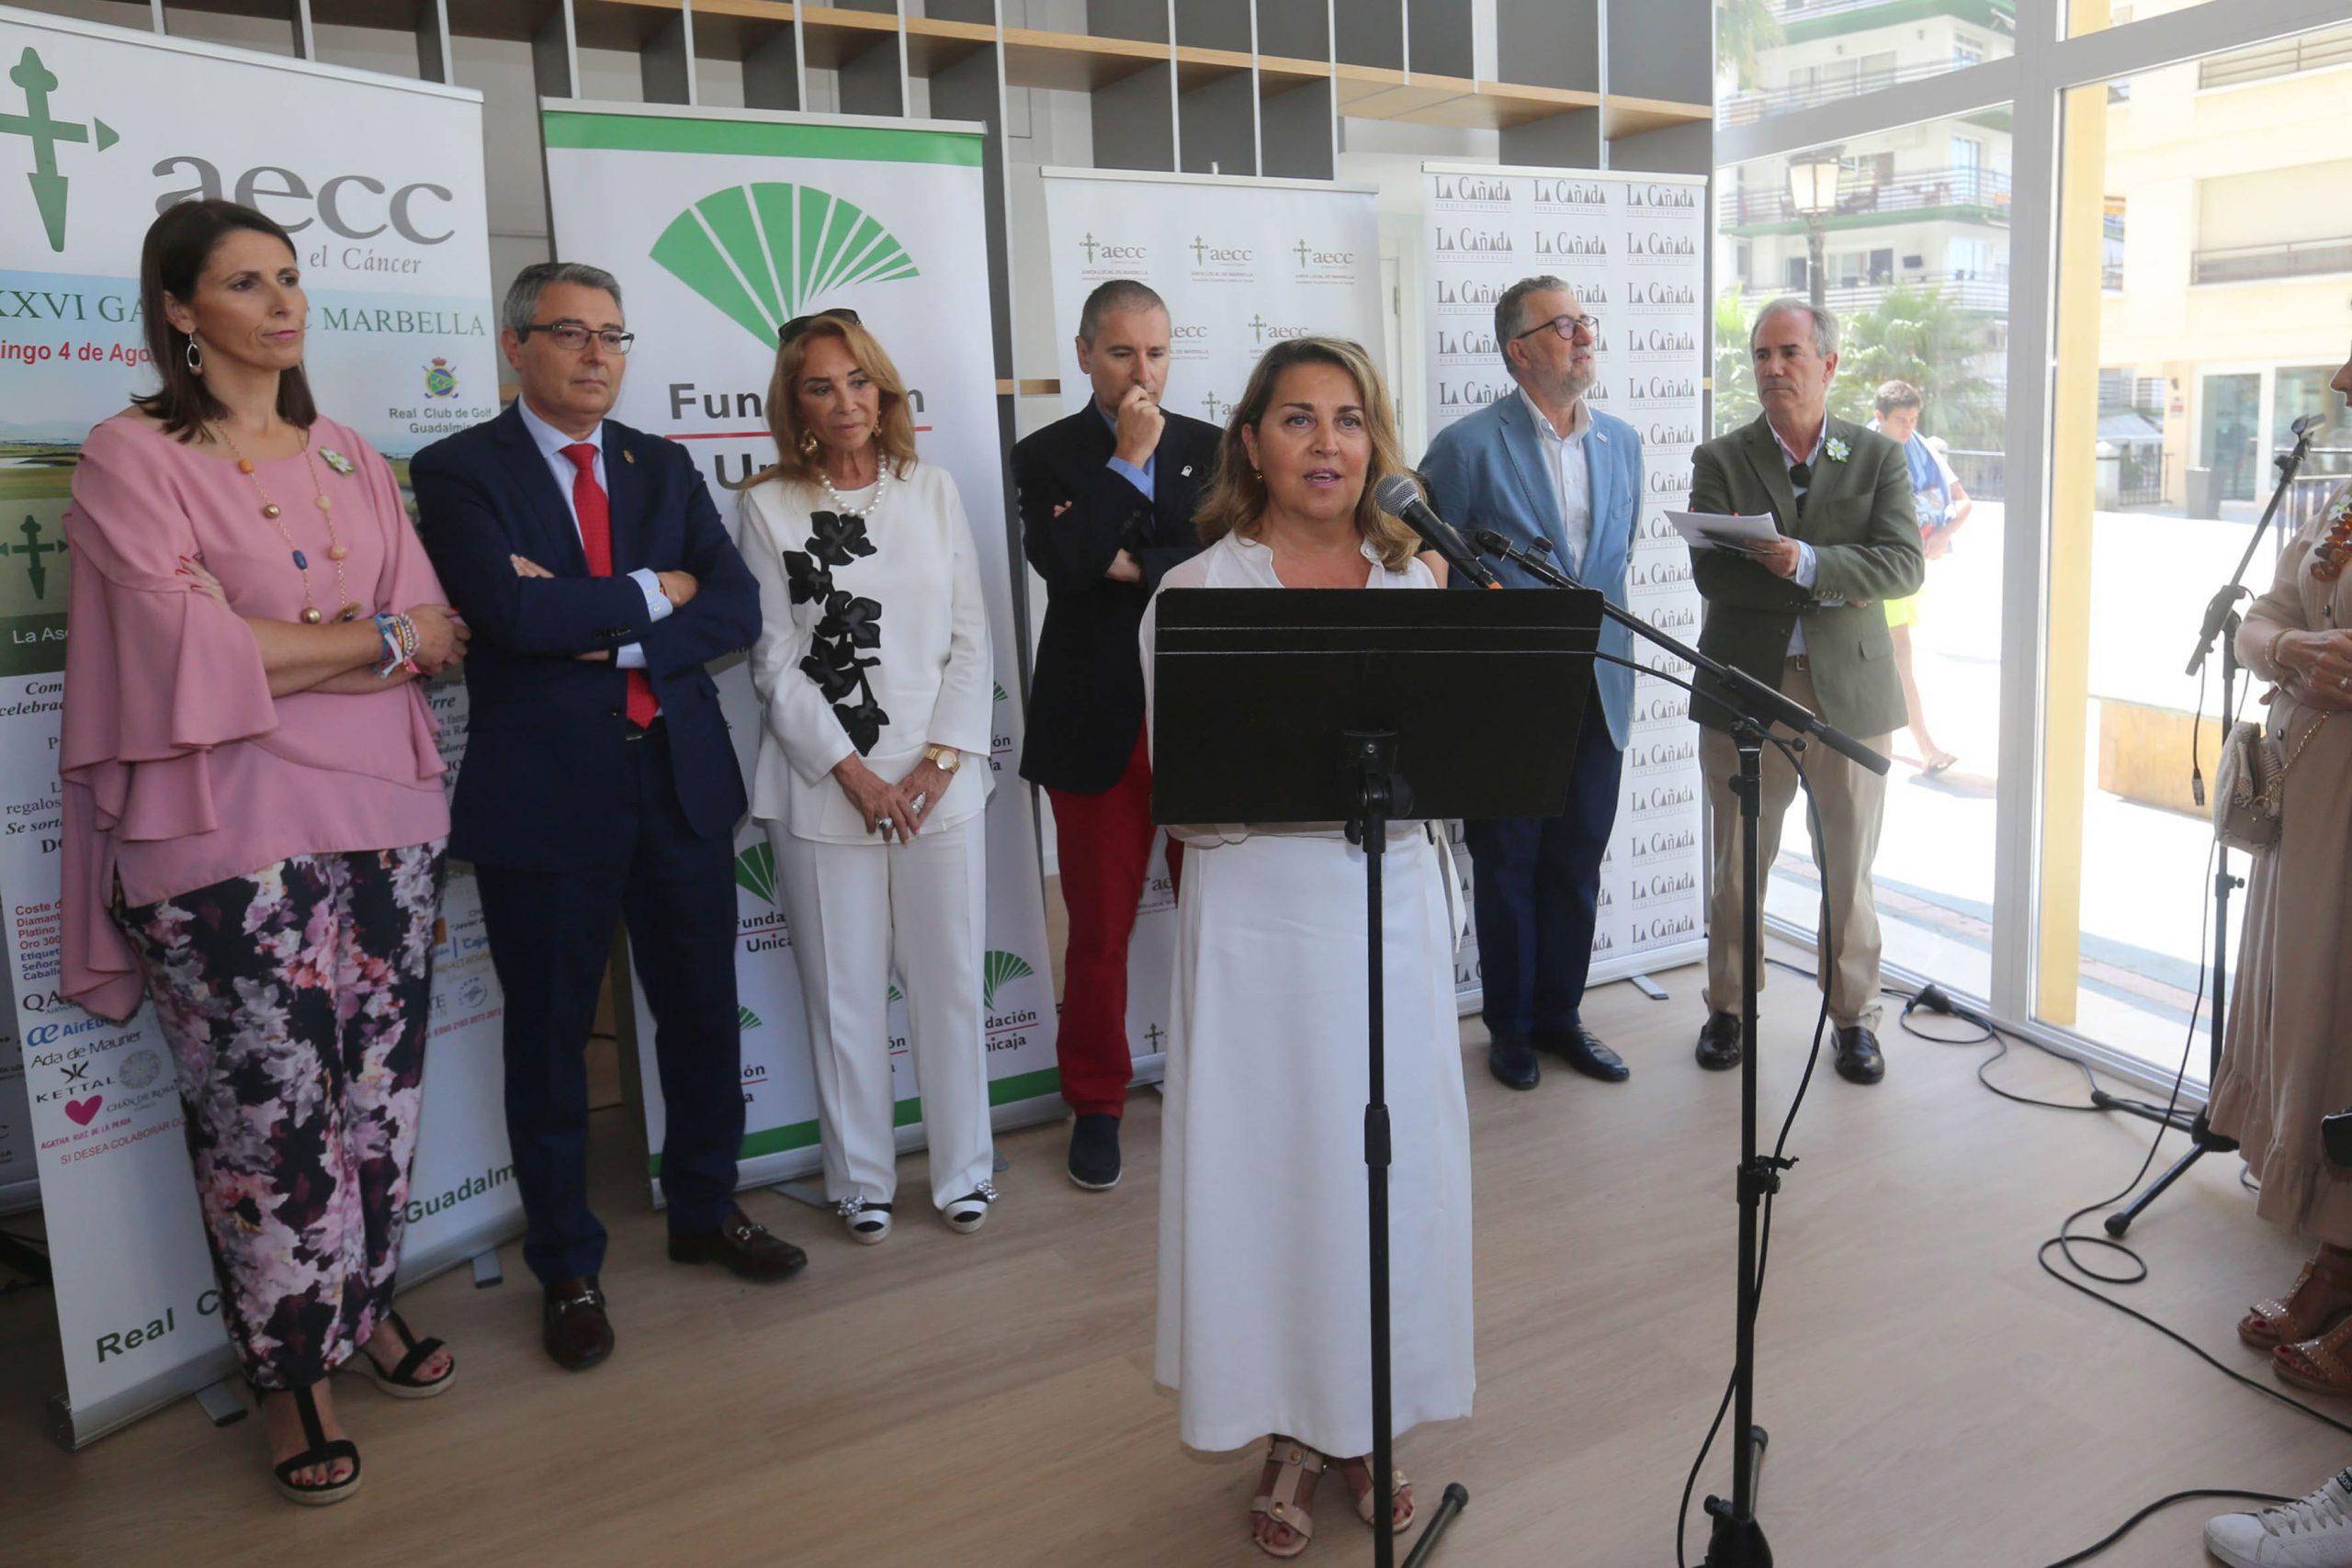 Marbella inaugura el primer Espacio Activo contra el Cáncer de Andalucía